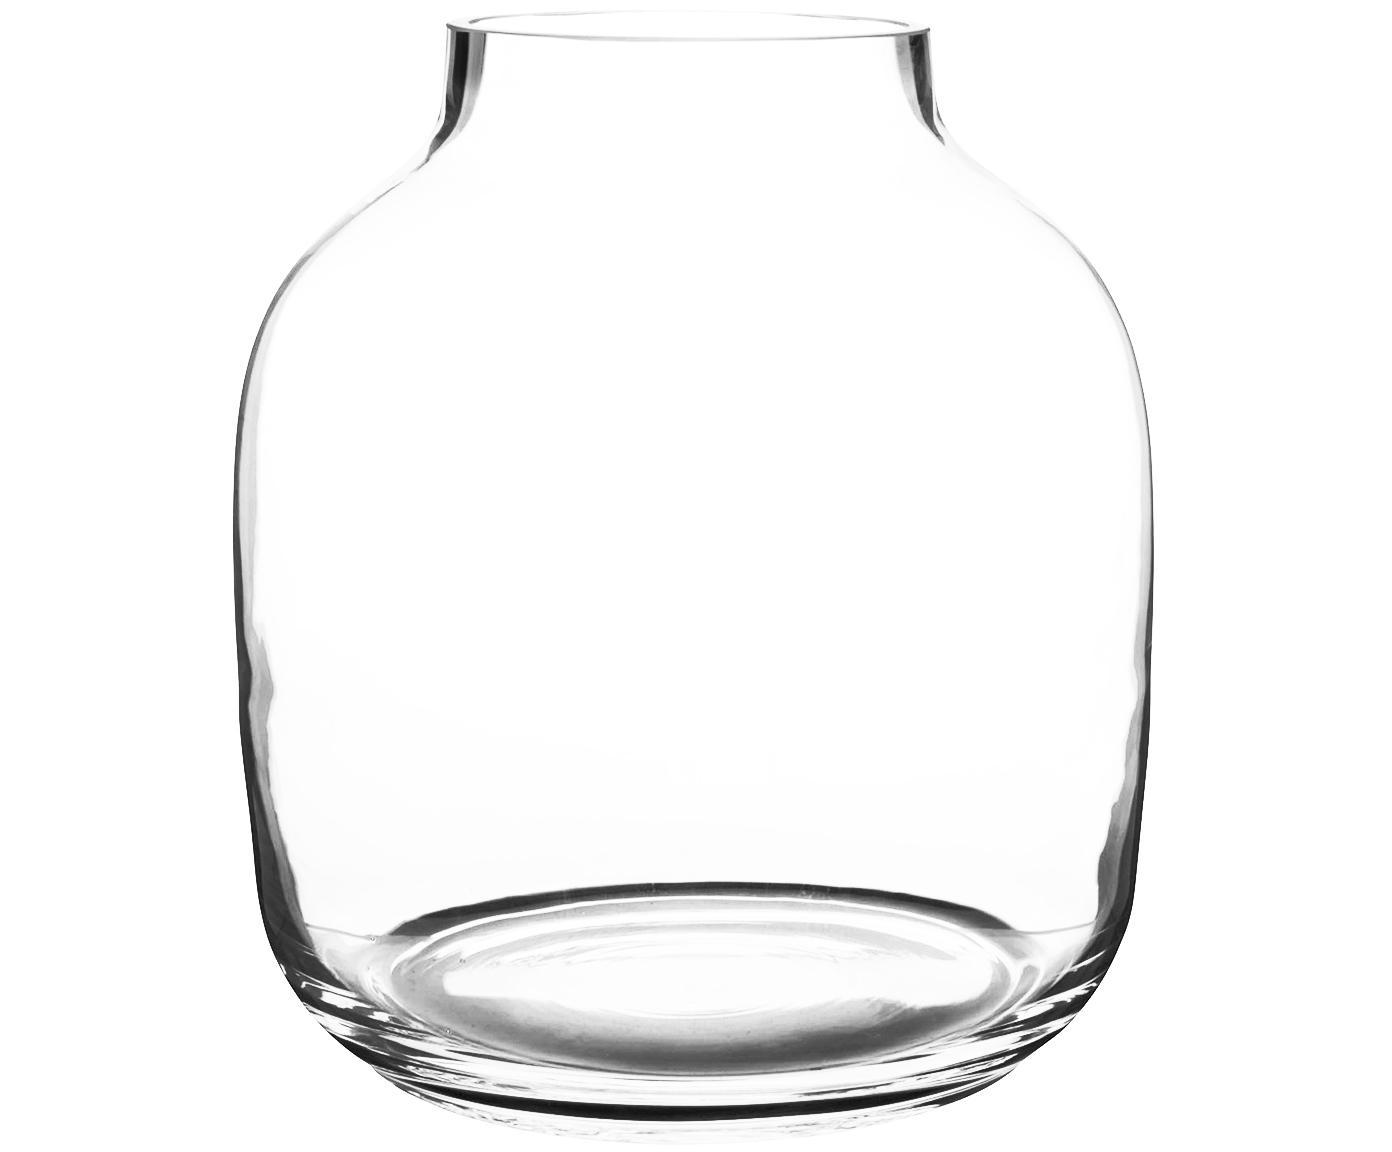 Duży wazon ze szkła Yanna, Szkło, Transparentny, Ø 26 x W 29 cm